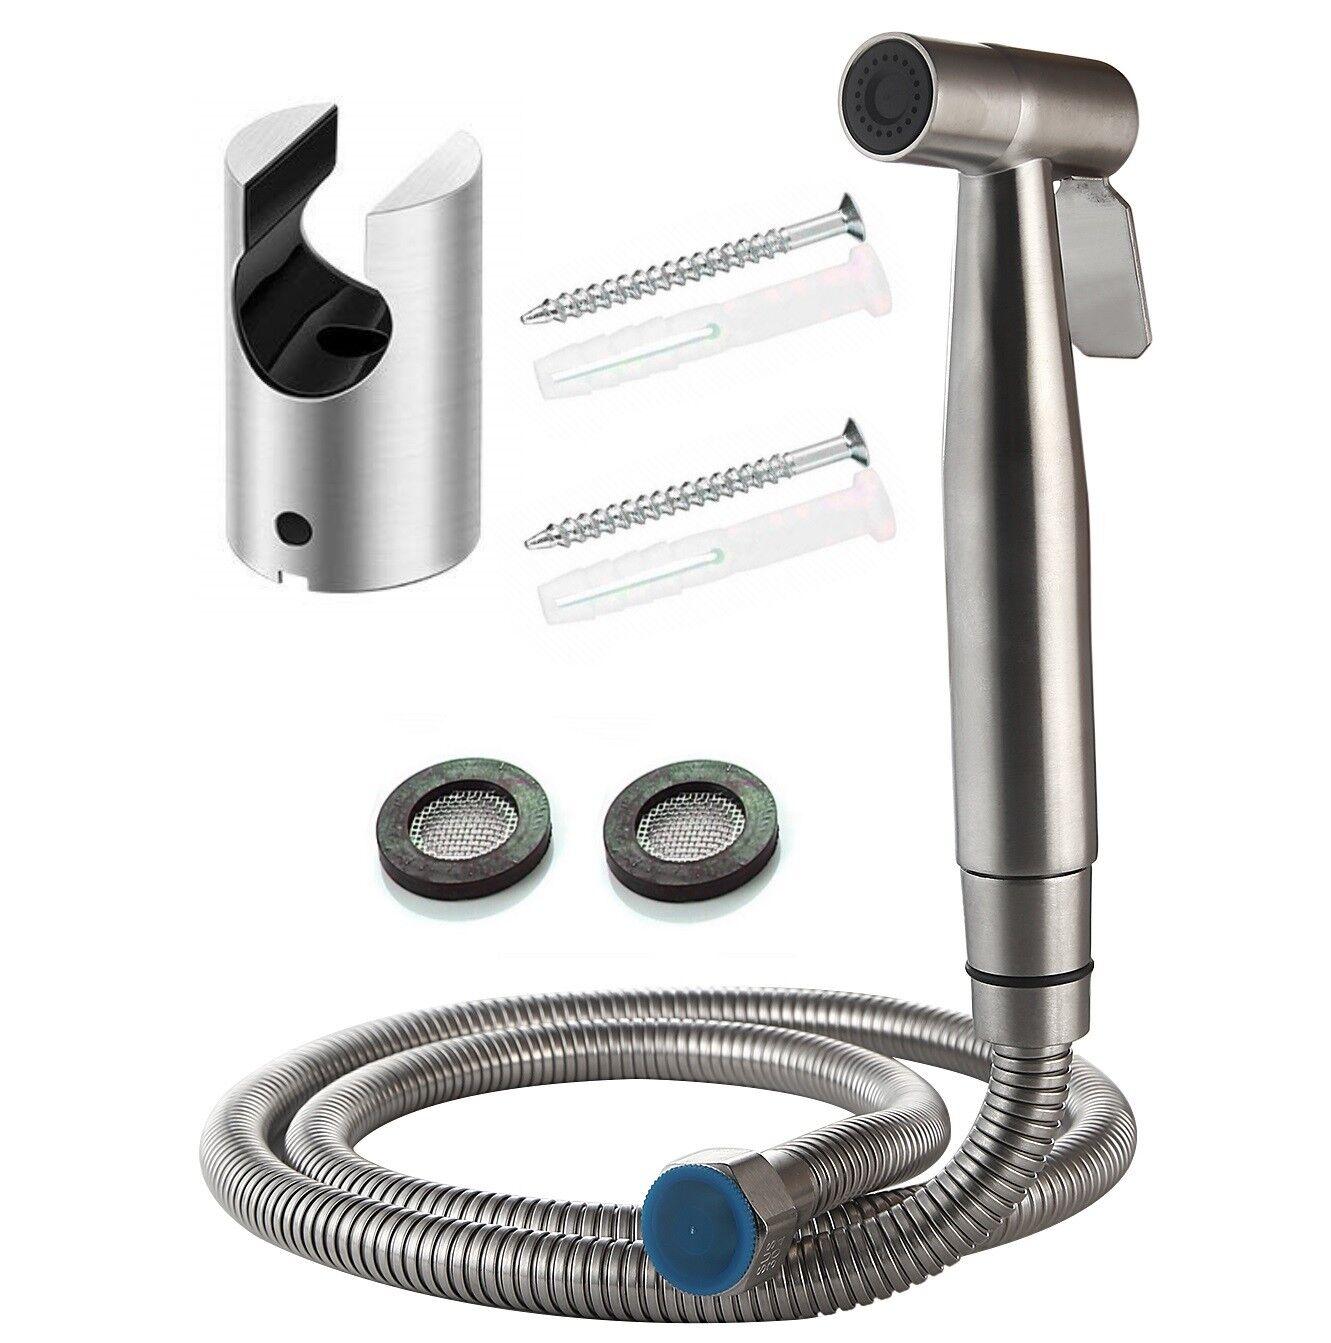 Bidet Brause Set Schlauch + Halter Dusche Edelstahl Hand WC Duschkopf Hygiene Po